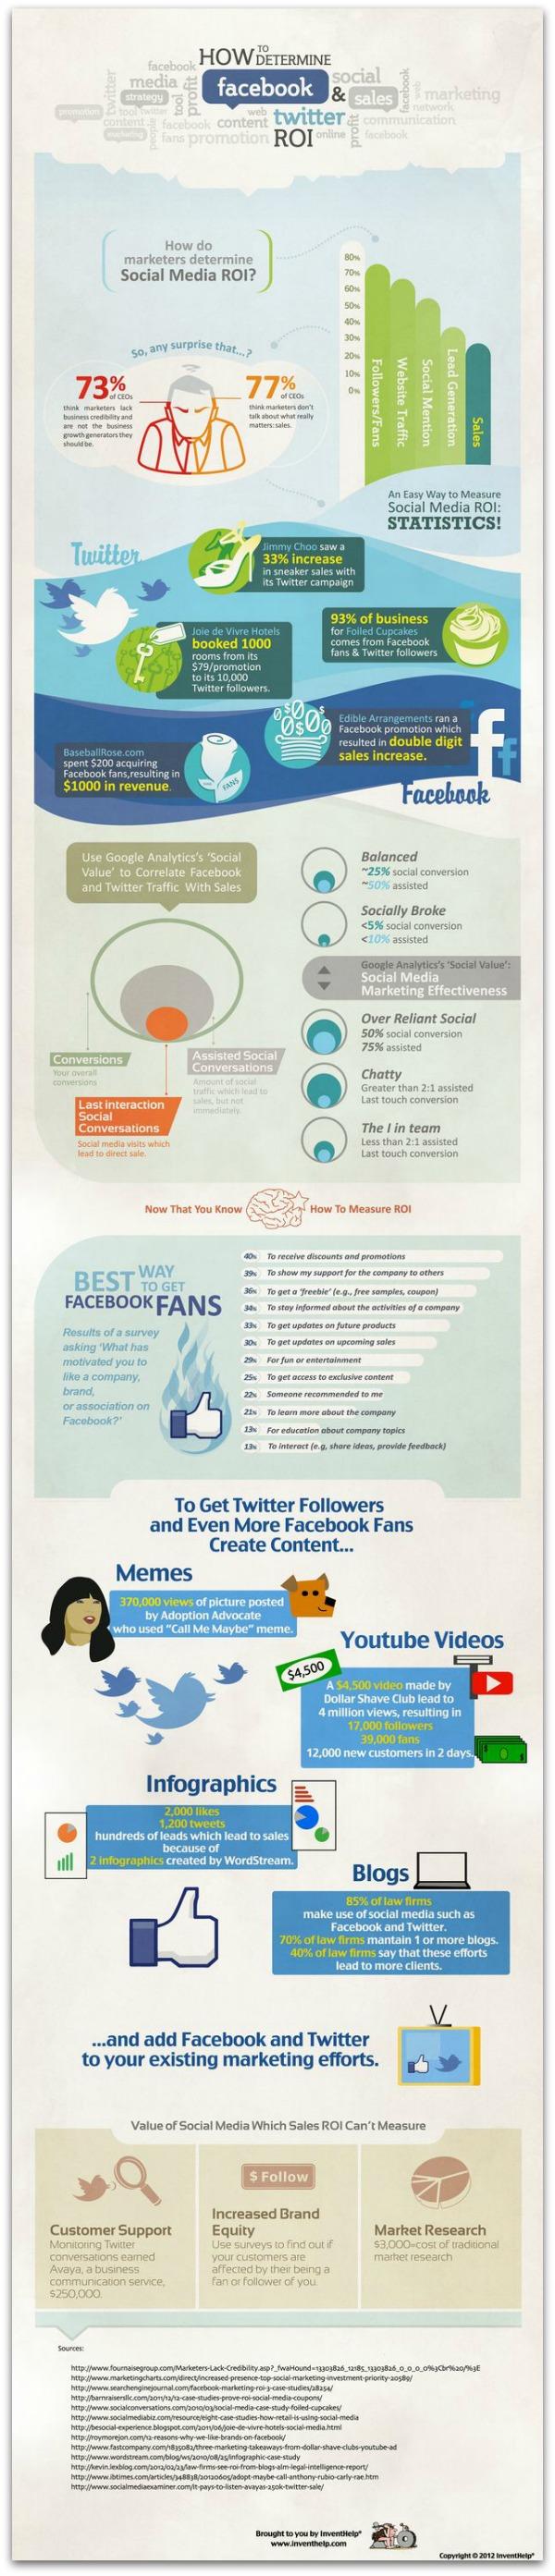 Infographie sur le ROI des réseaux sociaux